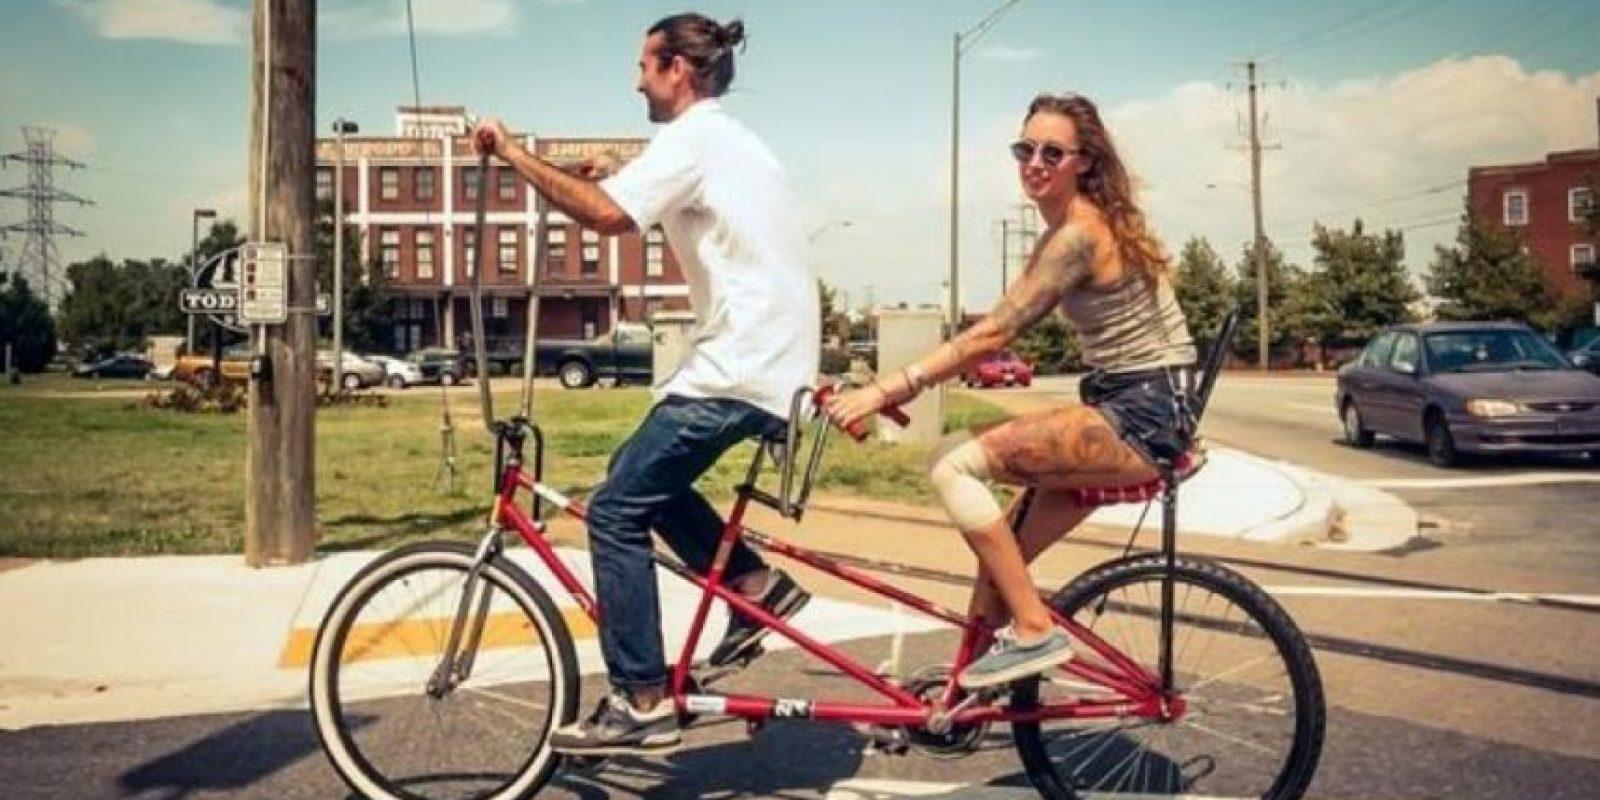 Por supuesto, el amor hacia las bicicletas y todo lo que se generó alrededor de ellas. Foto:Instagram